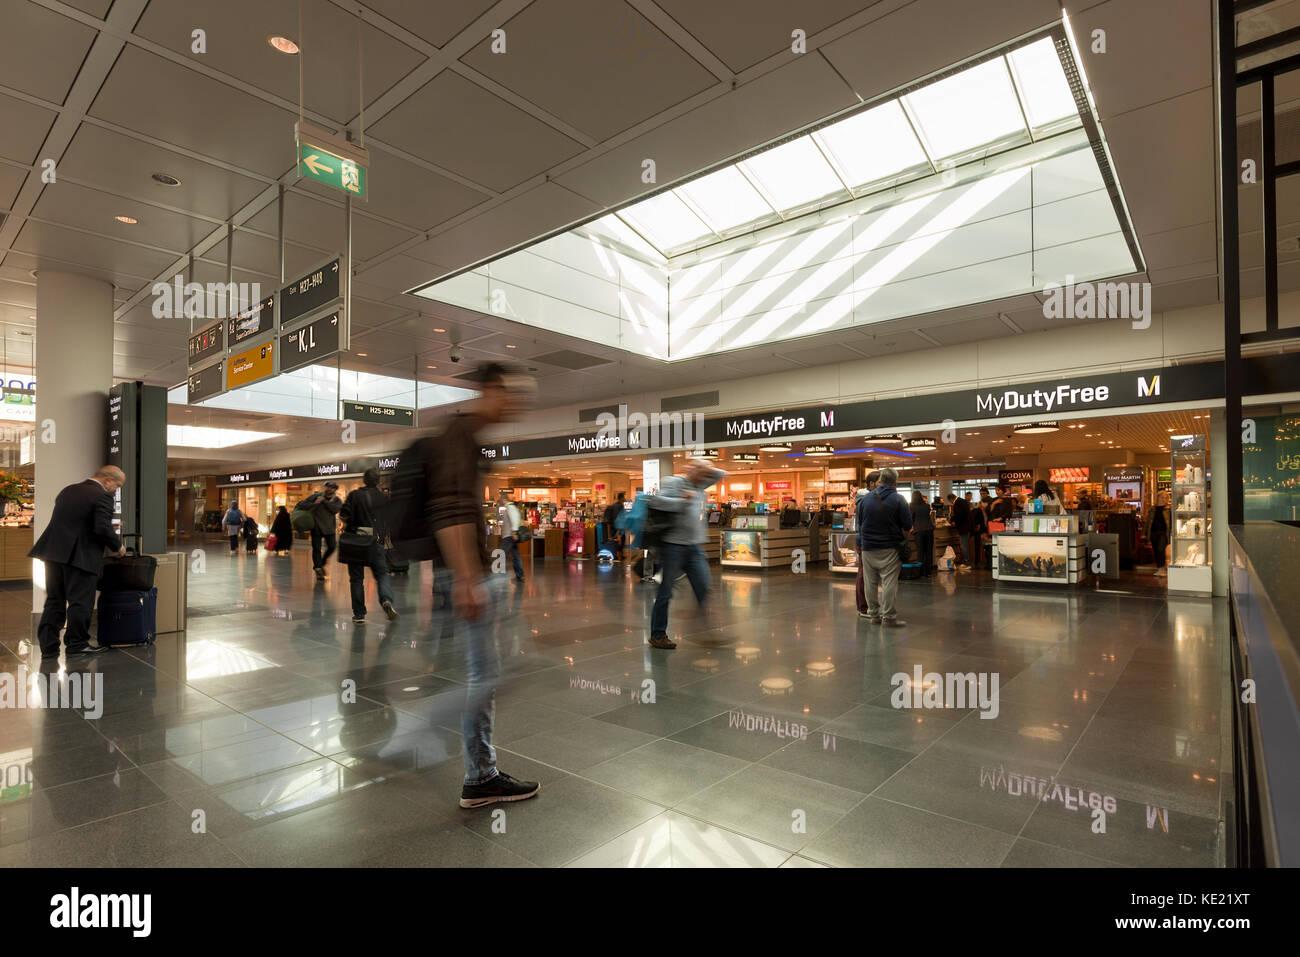 Il negozio duty free e area principale del terminal dell